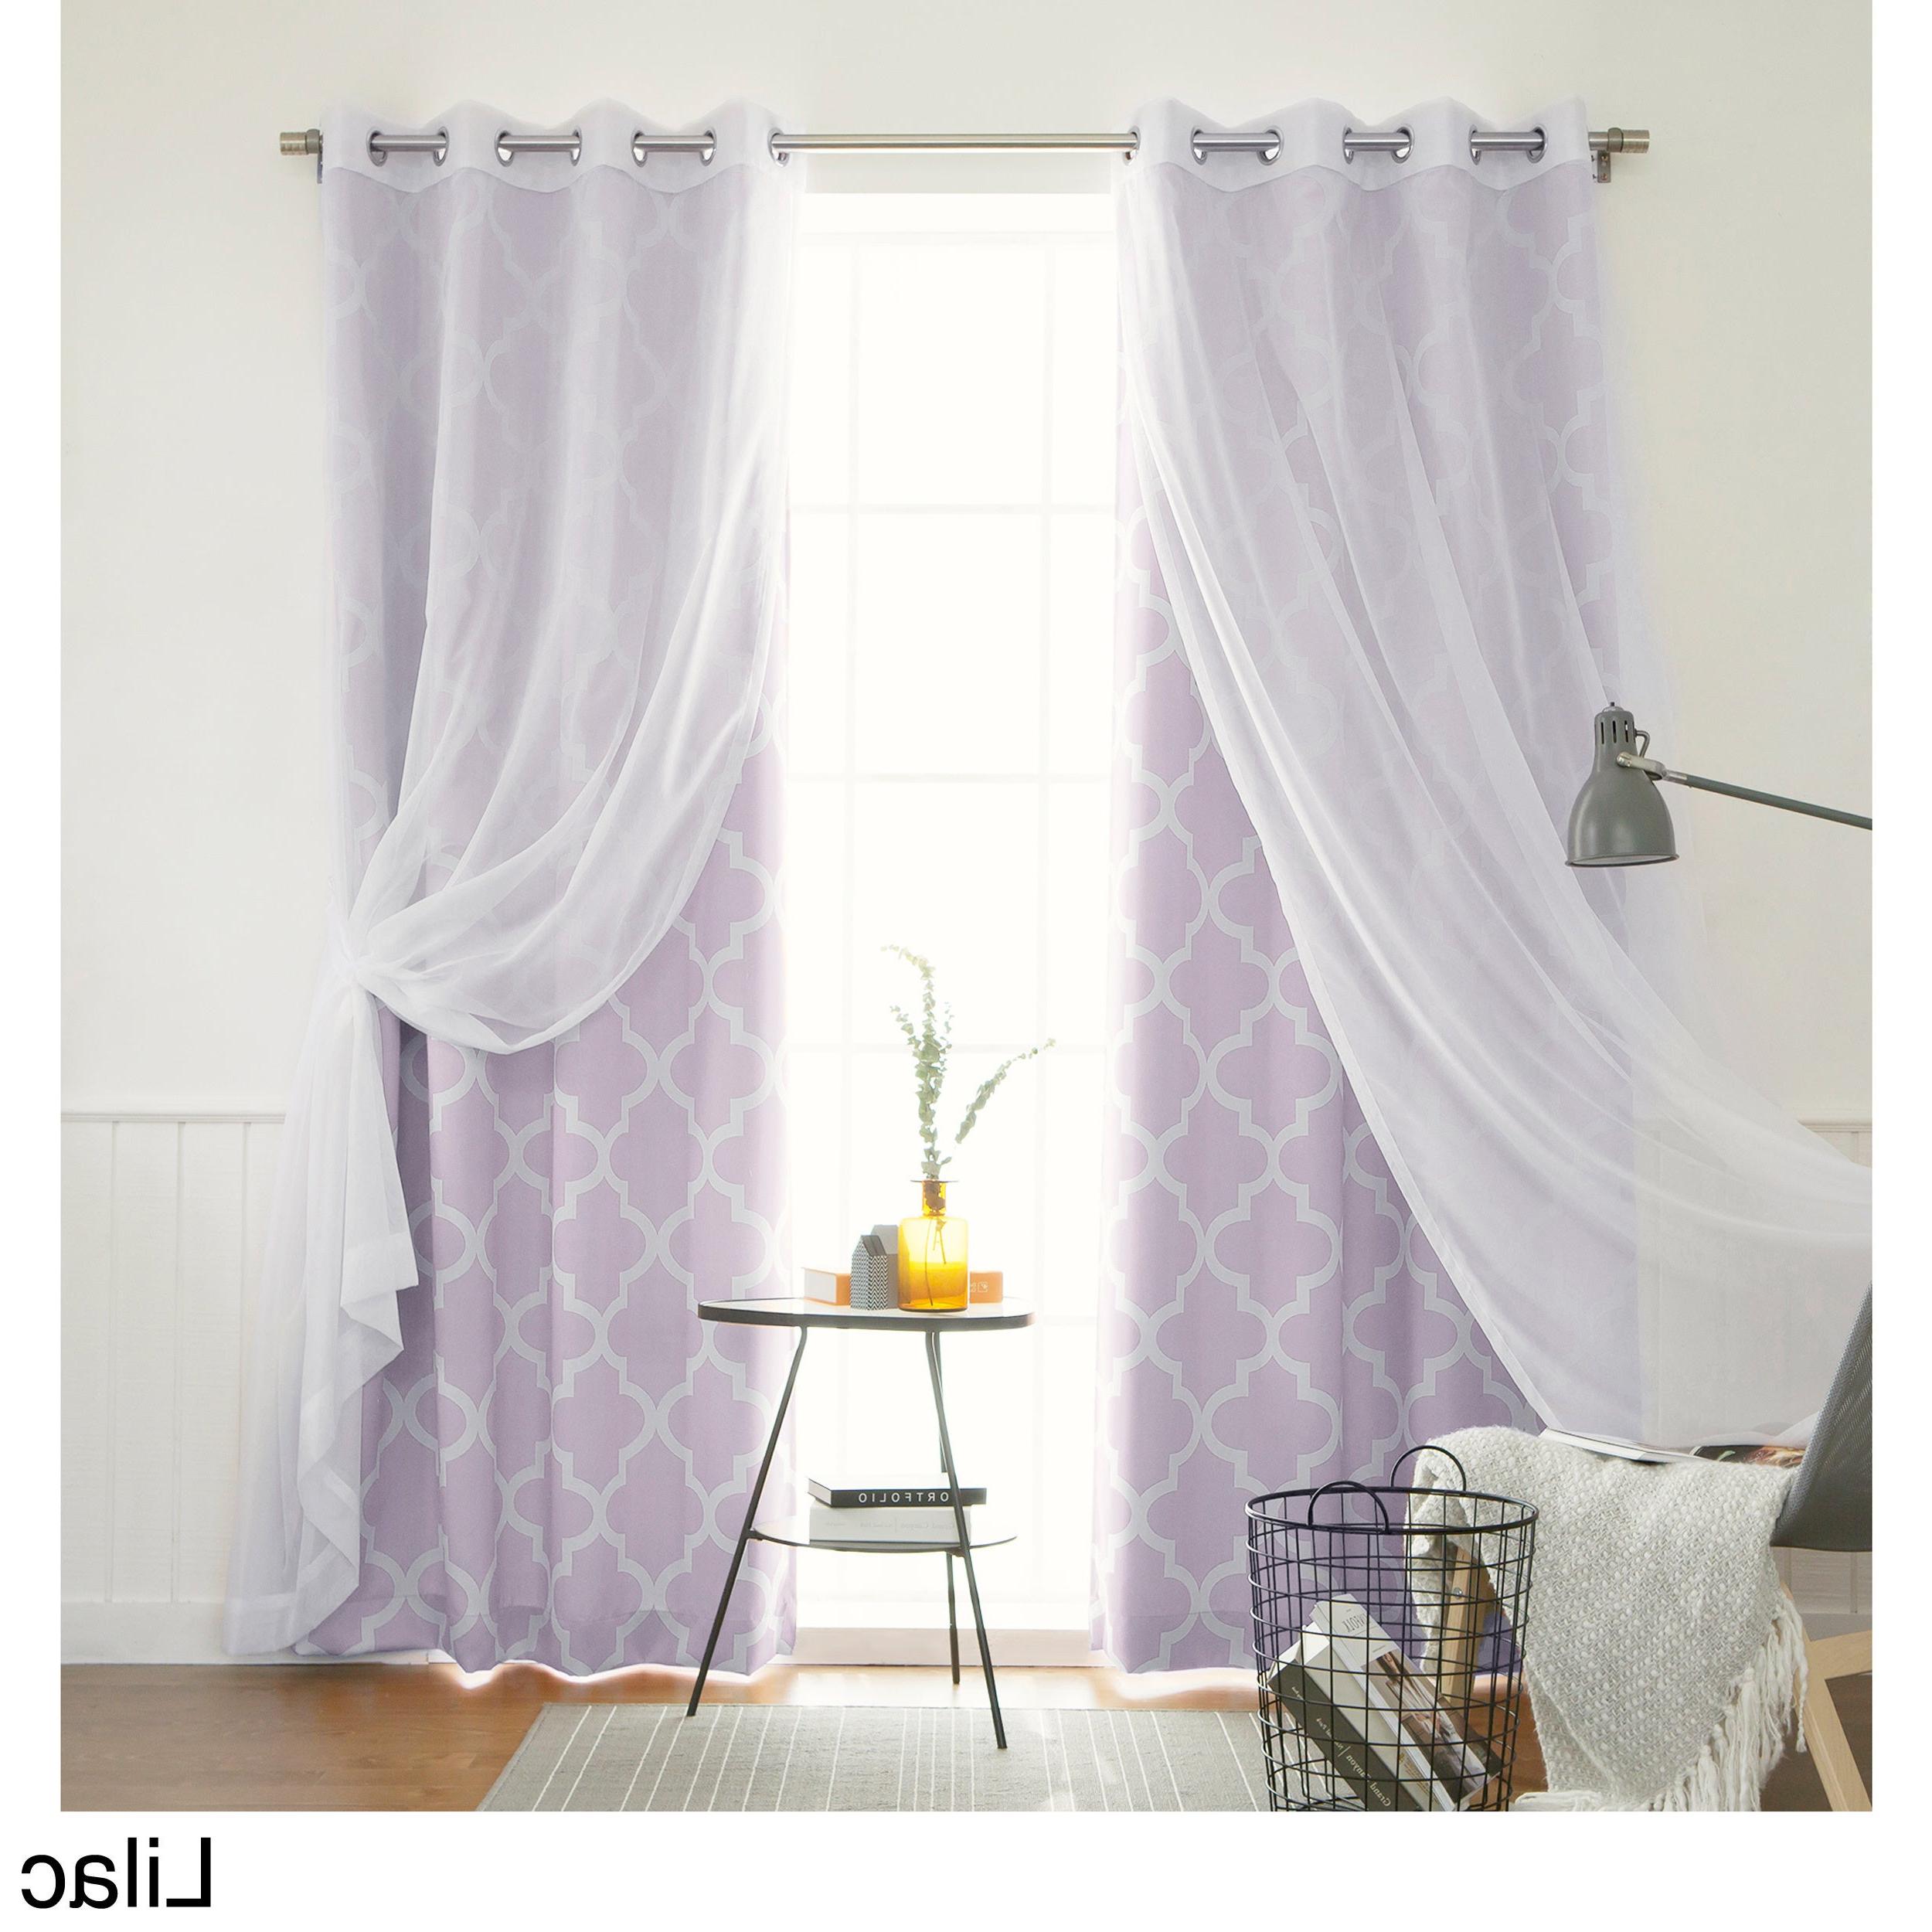 """Elrene Aurora Kids Room Darkening Layered Sheer Curtains Throughout Current Aurora Home Mix & Match Moroccan Room Darkening 4 Piece Curtain Panel Set – 52""""w X 84""""l (View 14 of 20)"""